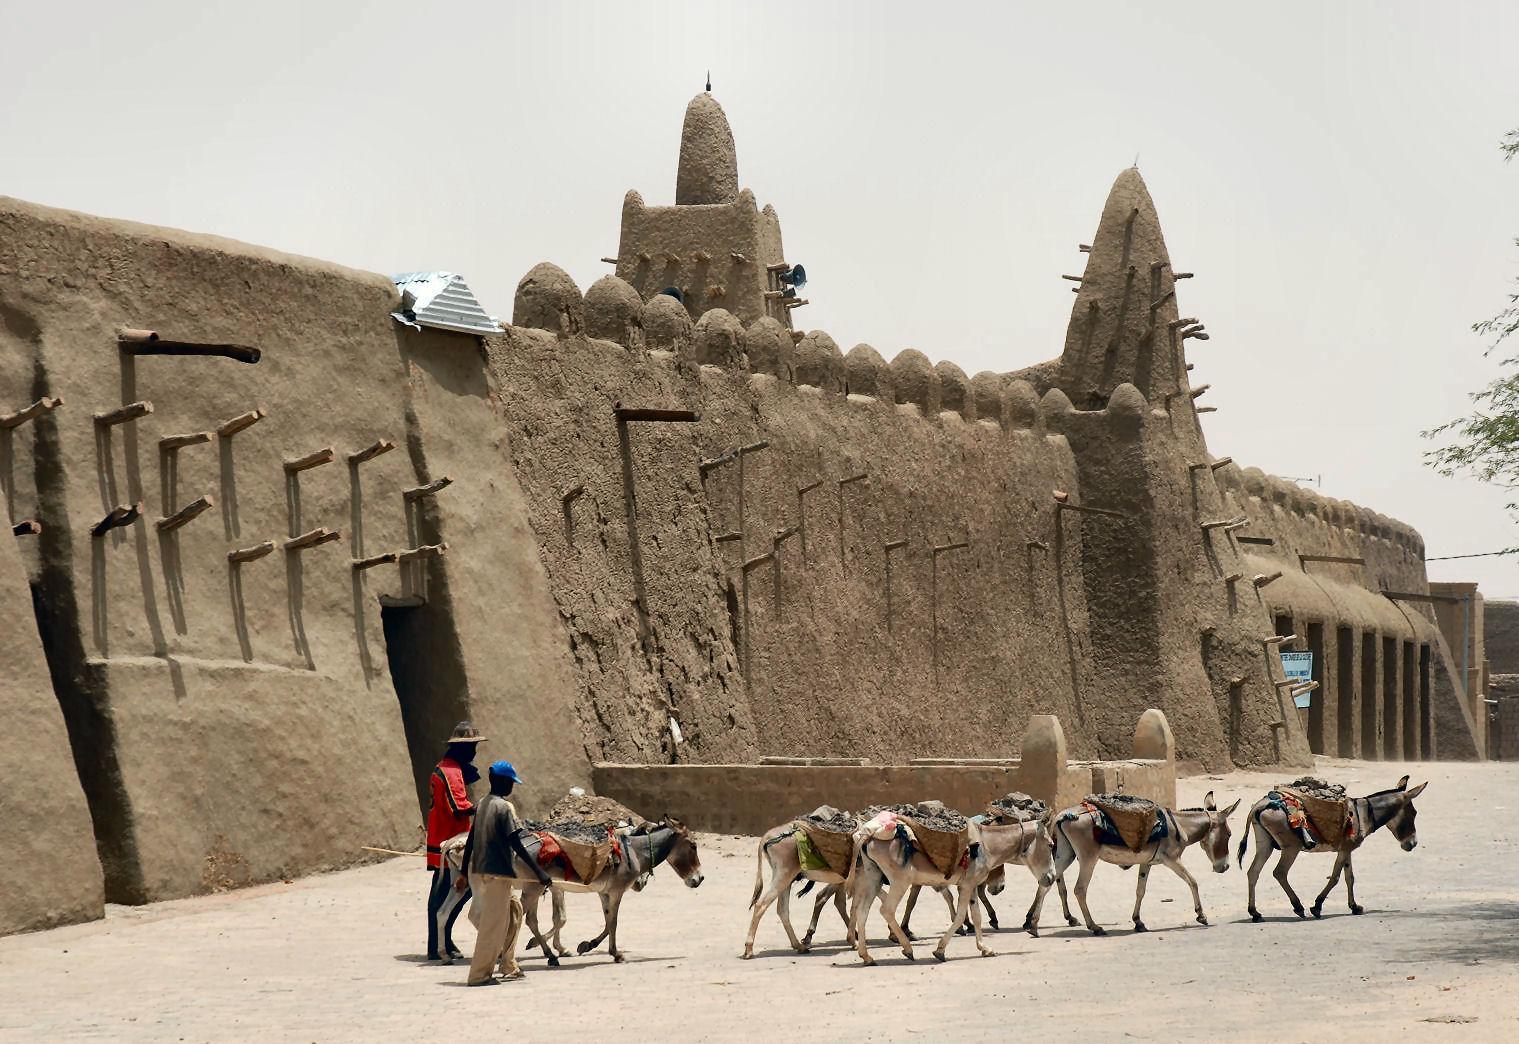 Donkeys_Timbuktu Дэлхий дээрх там буюу хамгийн халуун газрууд